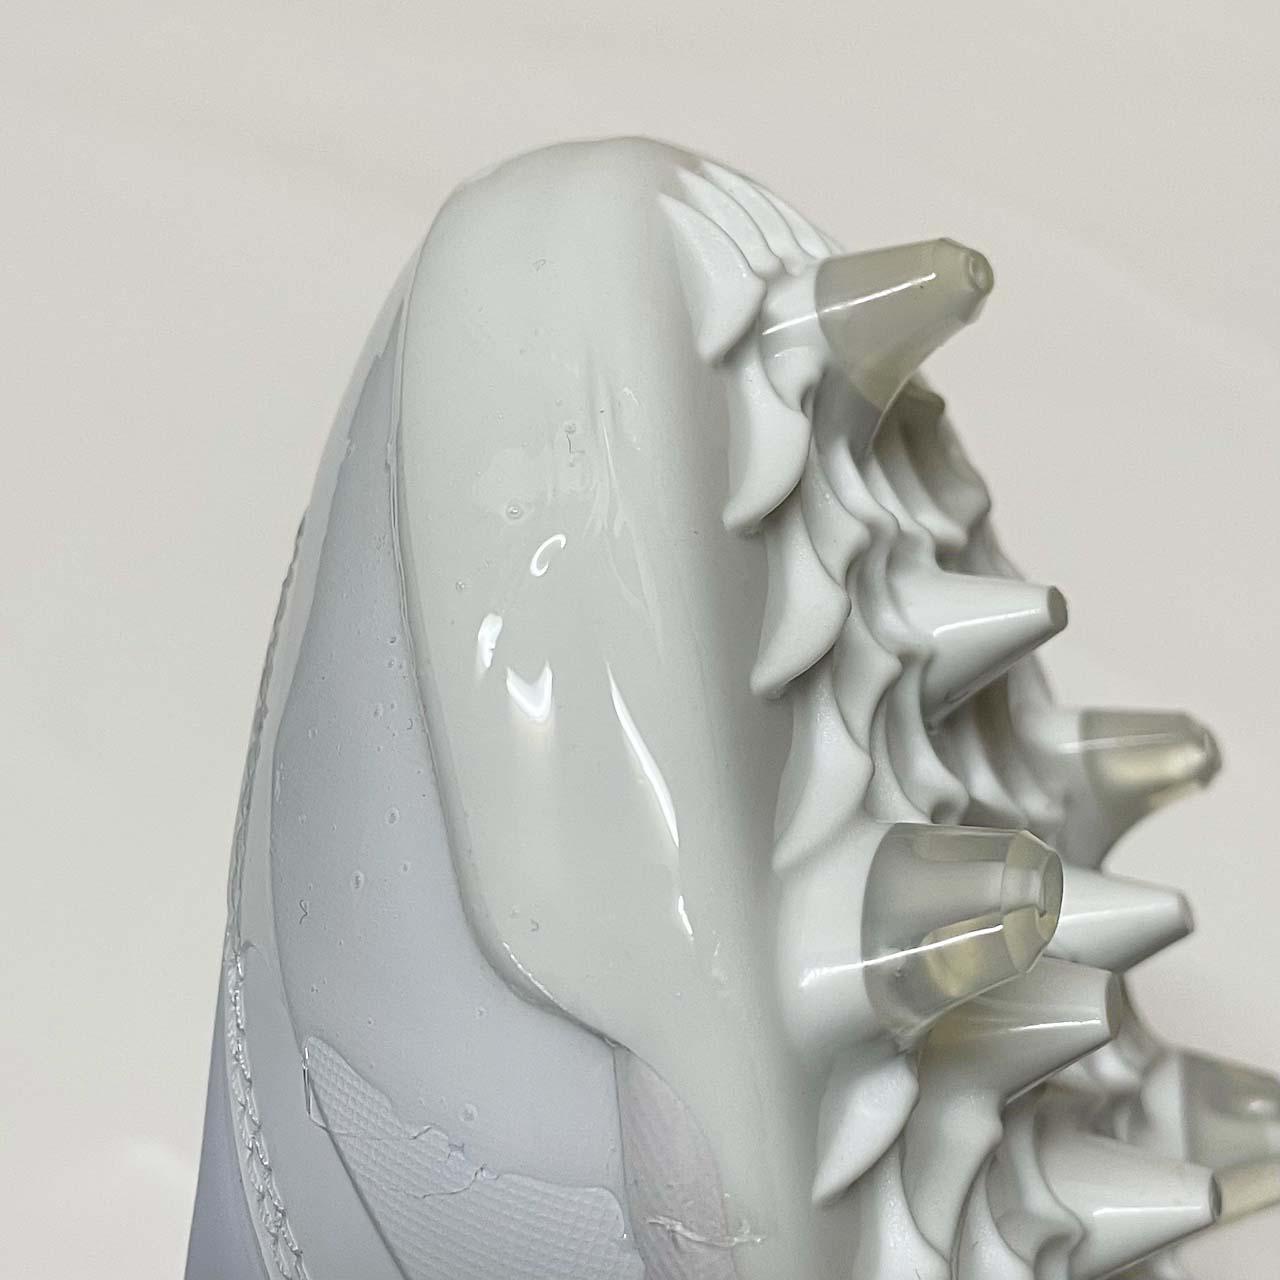 靴底が厚くてPカバーがつけられないスパイクのつま先補強「塗りP」側面